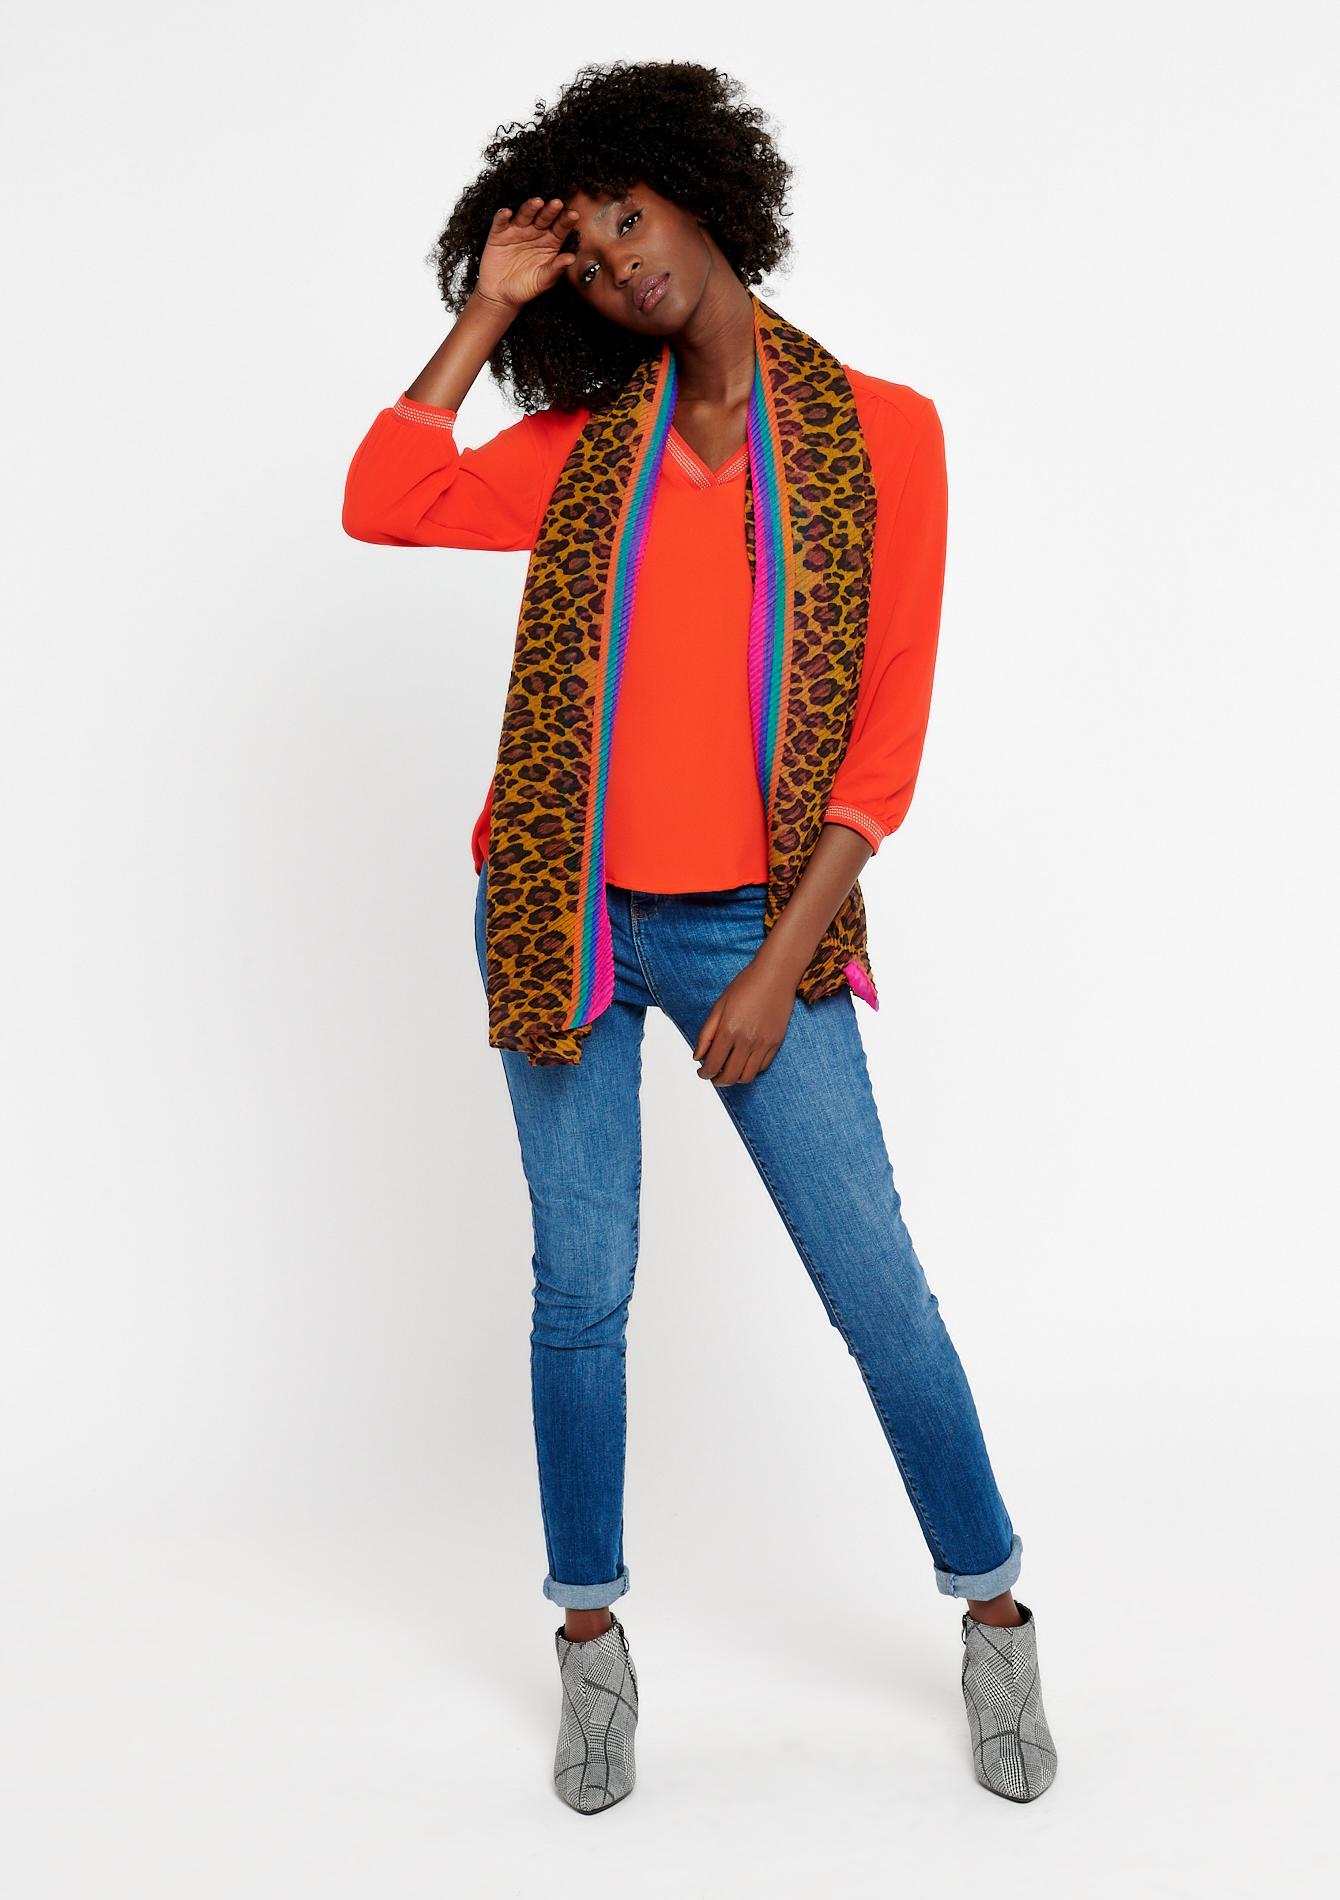 foulard plisée leopard colorful edge - CAMEL TRUSH - 930257